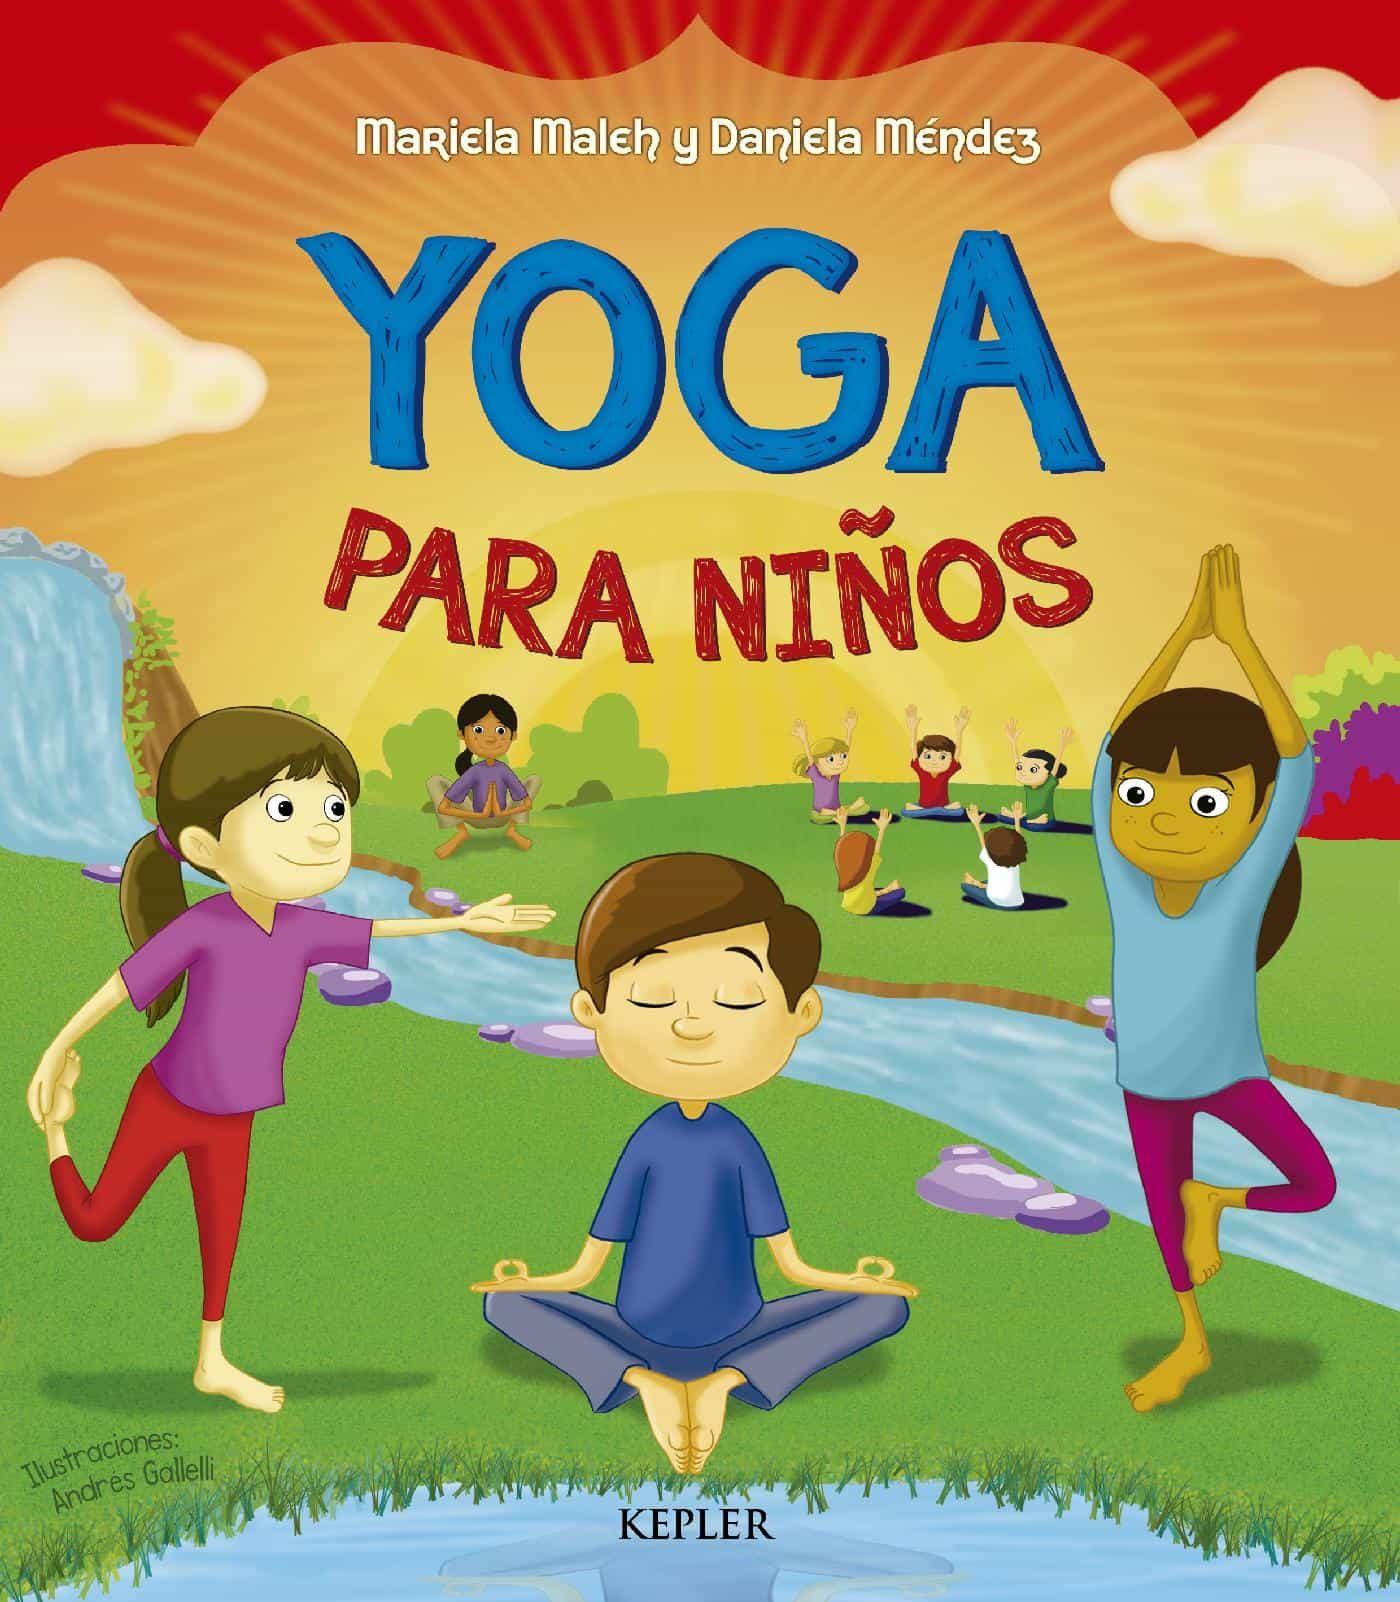 yoga para niños (ebook)-mariela maleh-daniela mendez-9789873881282 8eb856423bc1